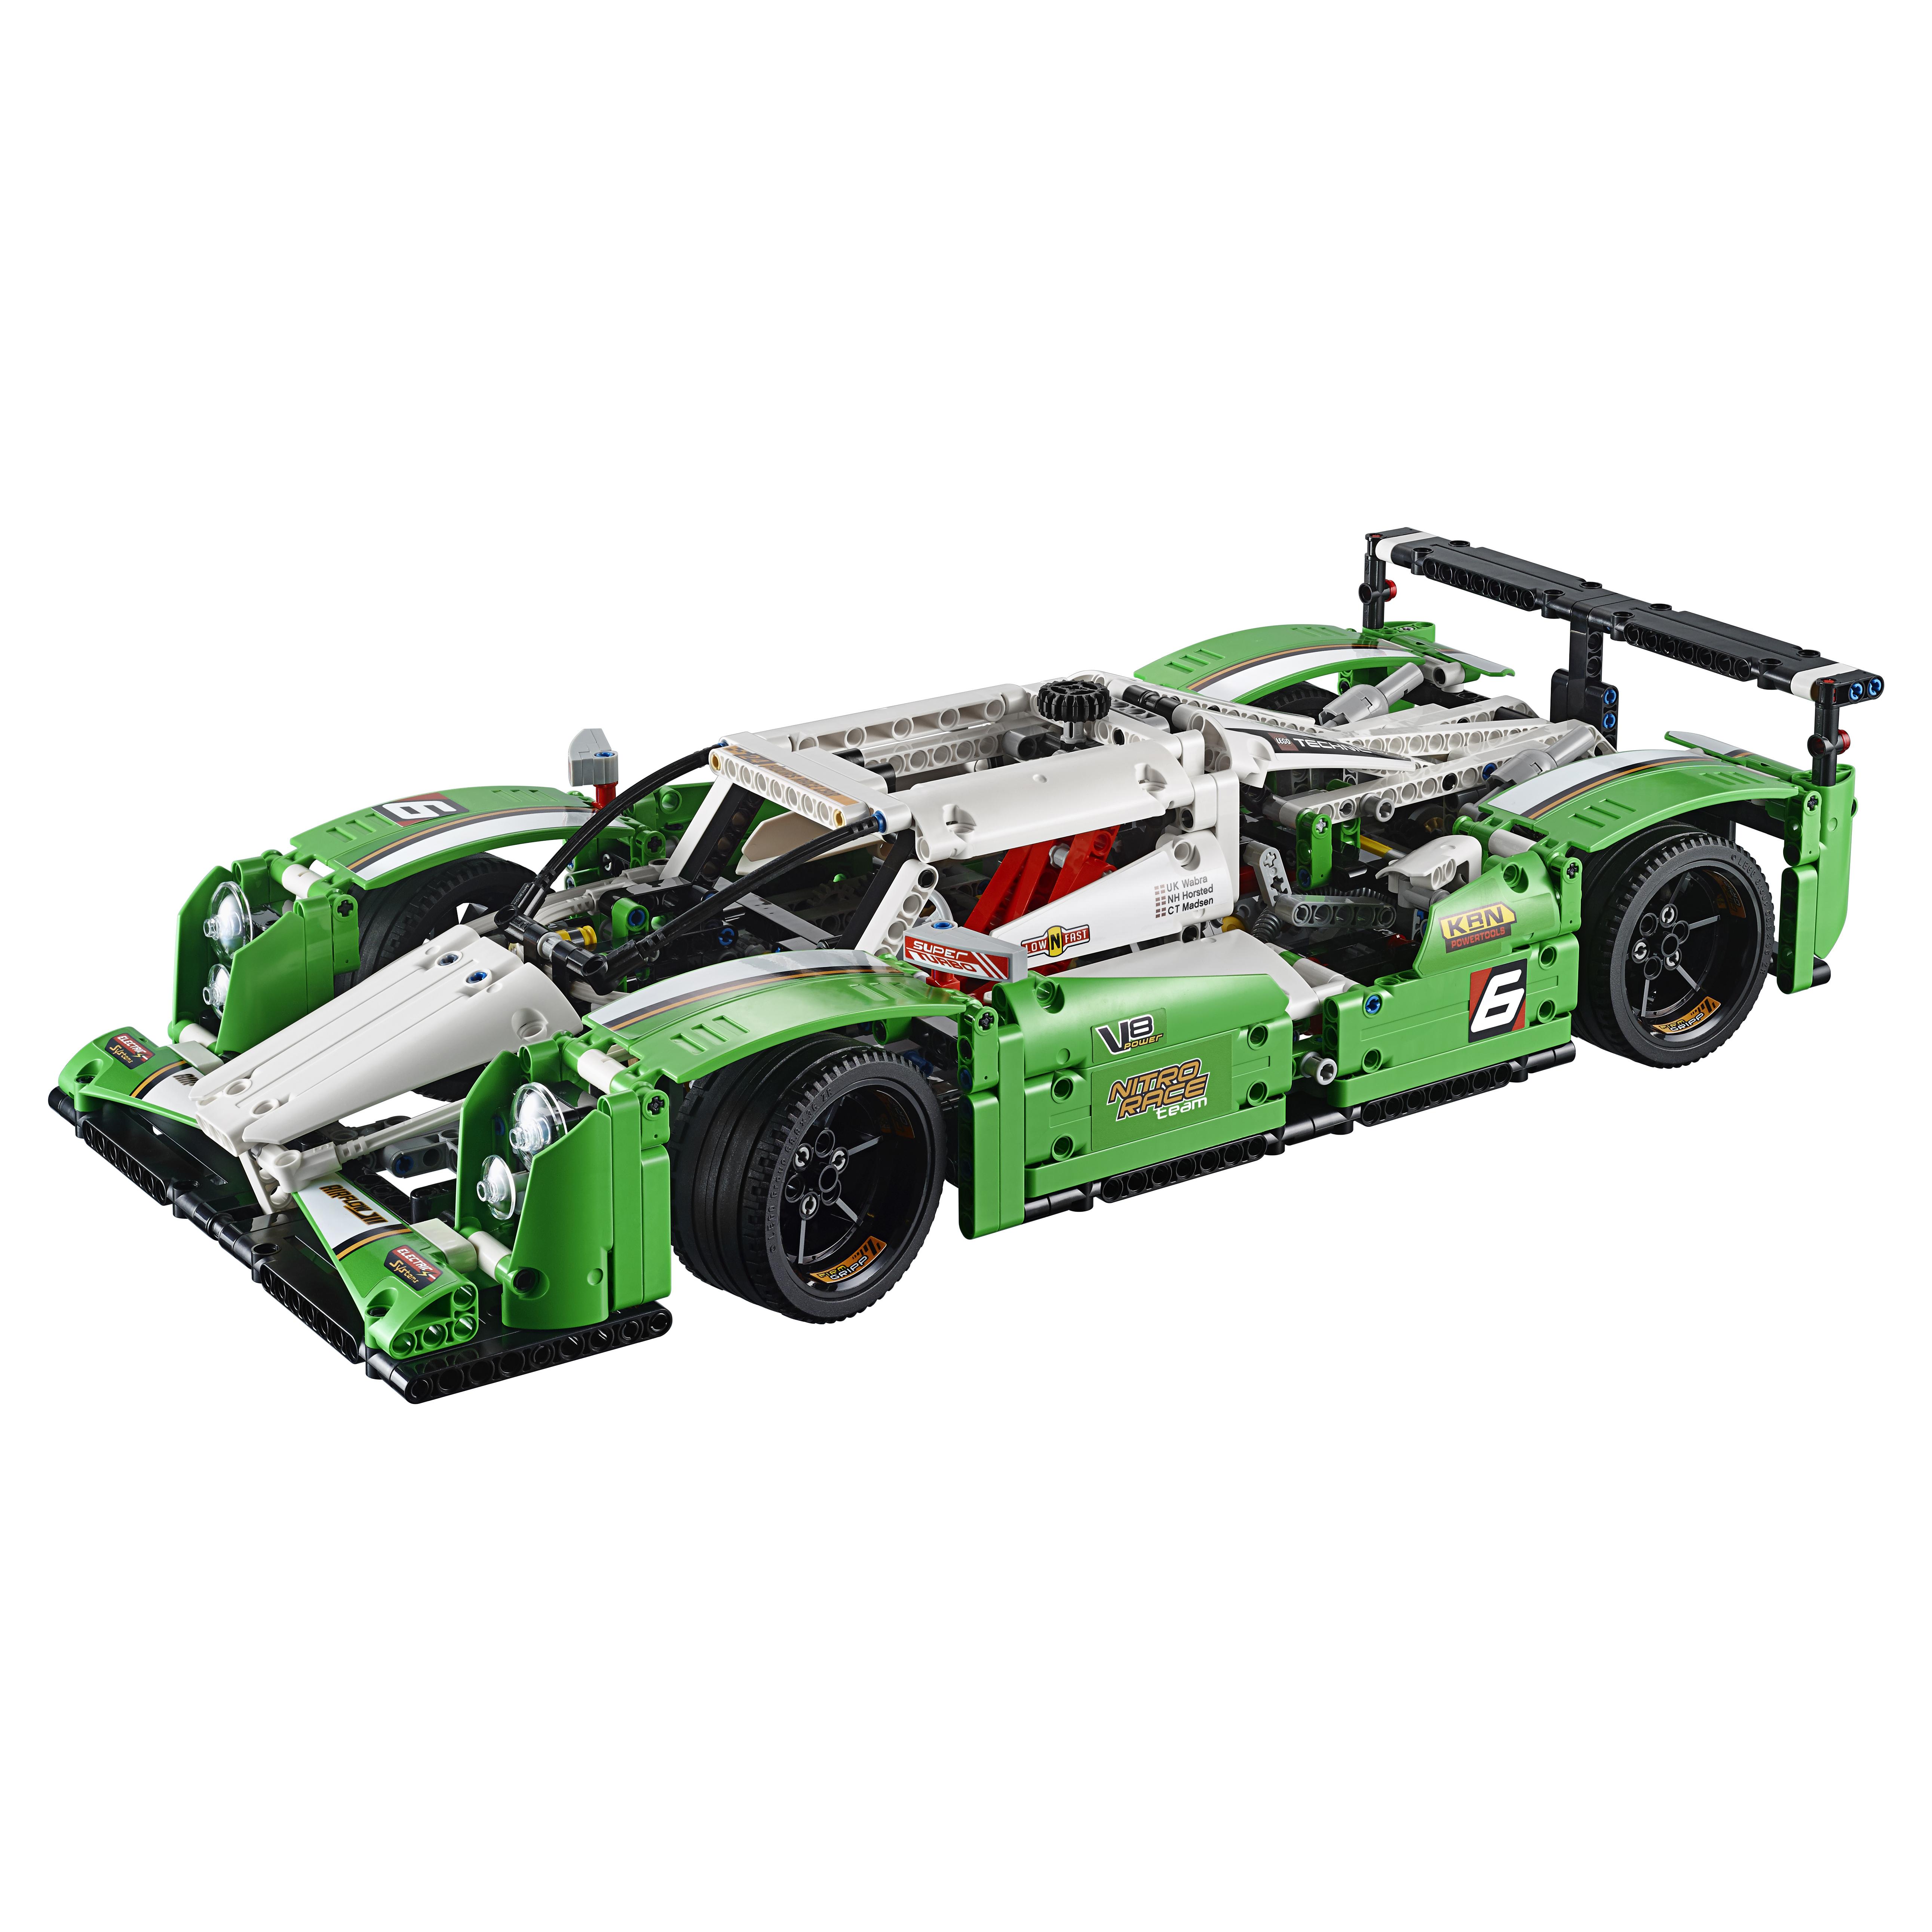 Конструктор LEGO Technic Гоночный автомобиль (42039) фото